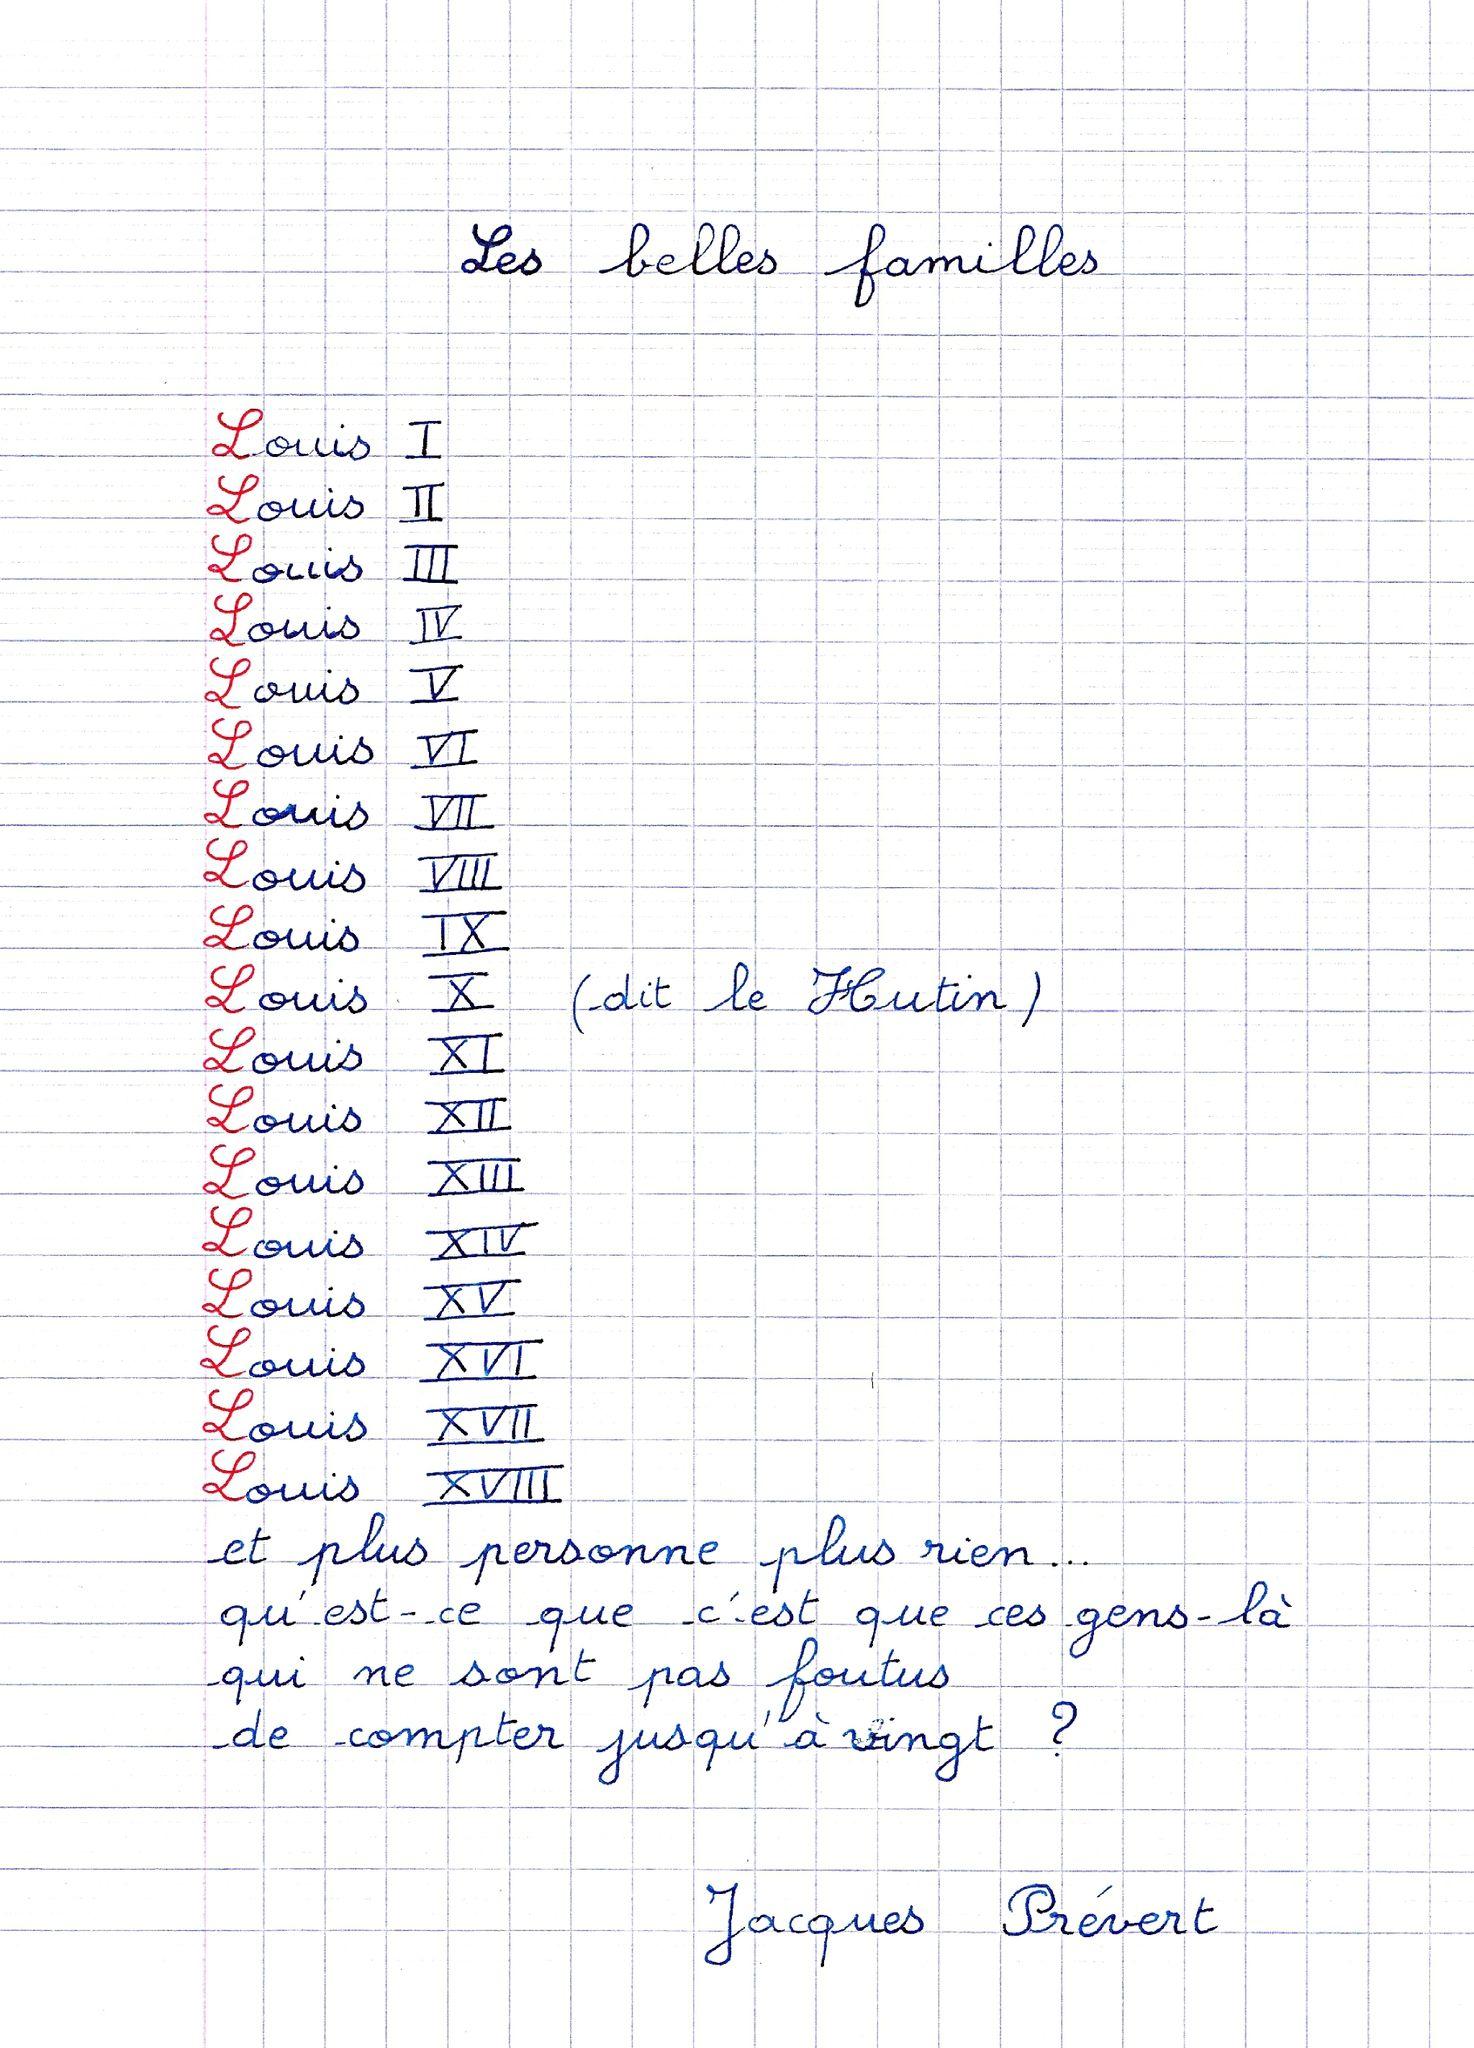 Chanson Parlant De La Famille : chanson, parlant, famille, Poème, Famille, Jacques, Prévert:, Belles, Familles, Petits, Poèmes, Bandes, Dessinées, Prevert, Jacques,, Poeme,, Poeme